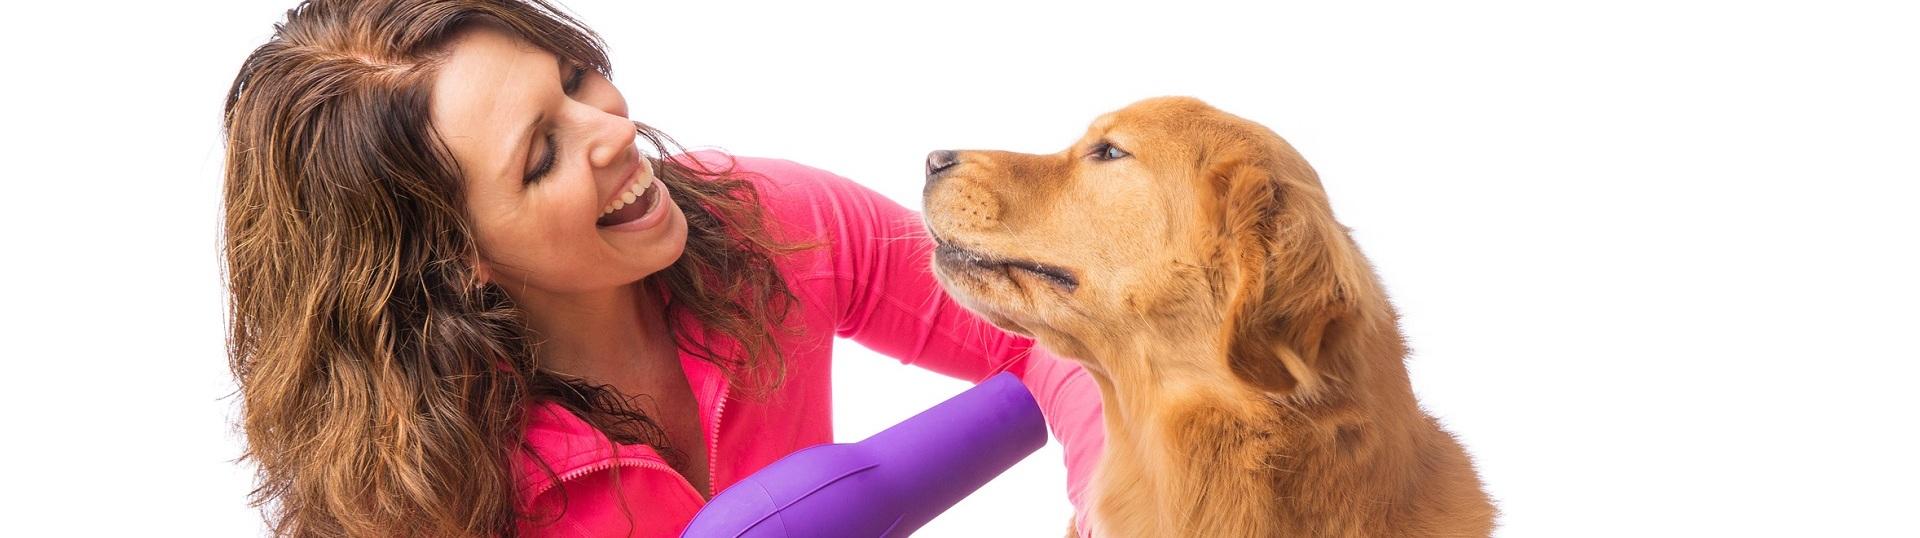 Pflegeprodukte für Hunde bei Greenheart Austria